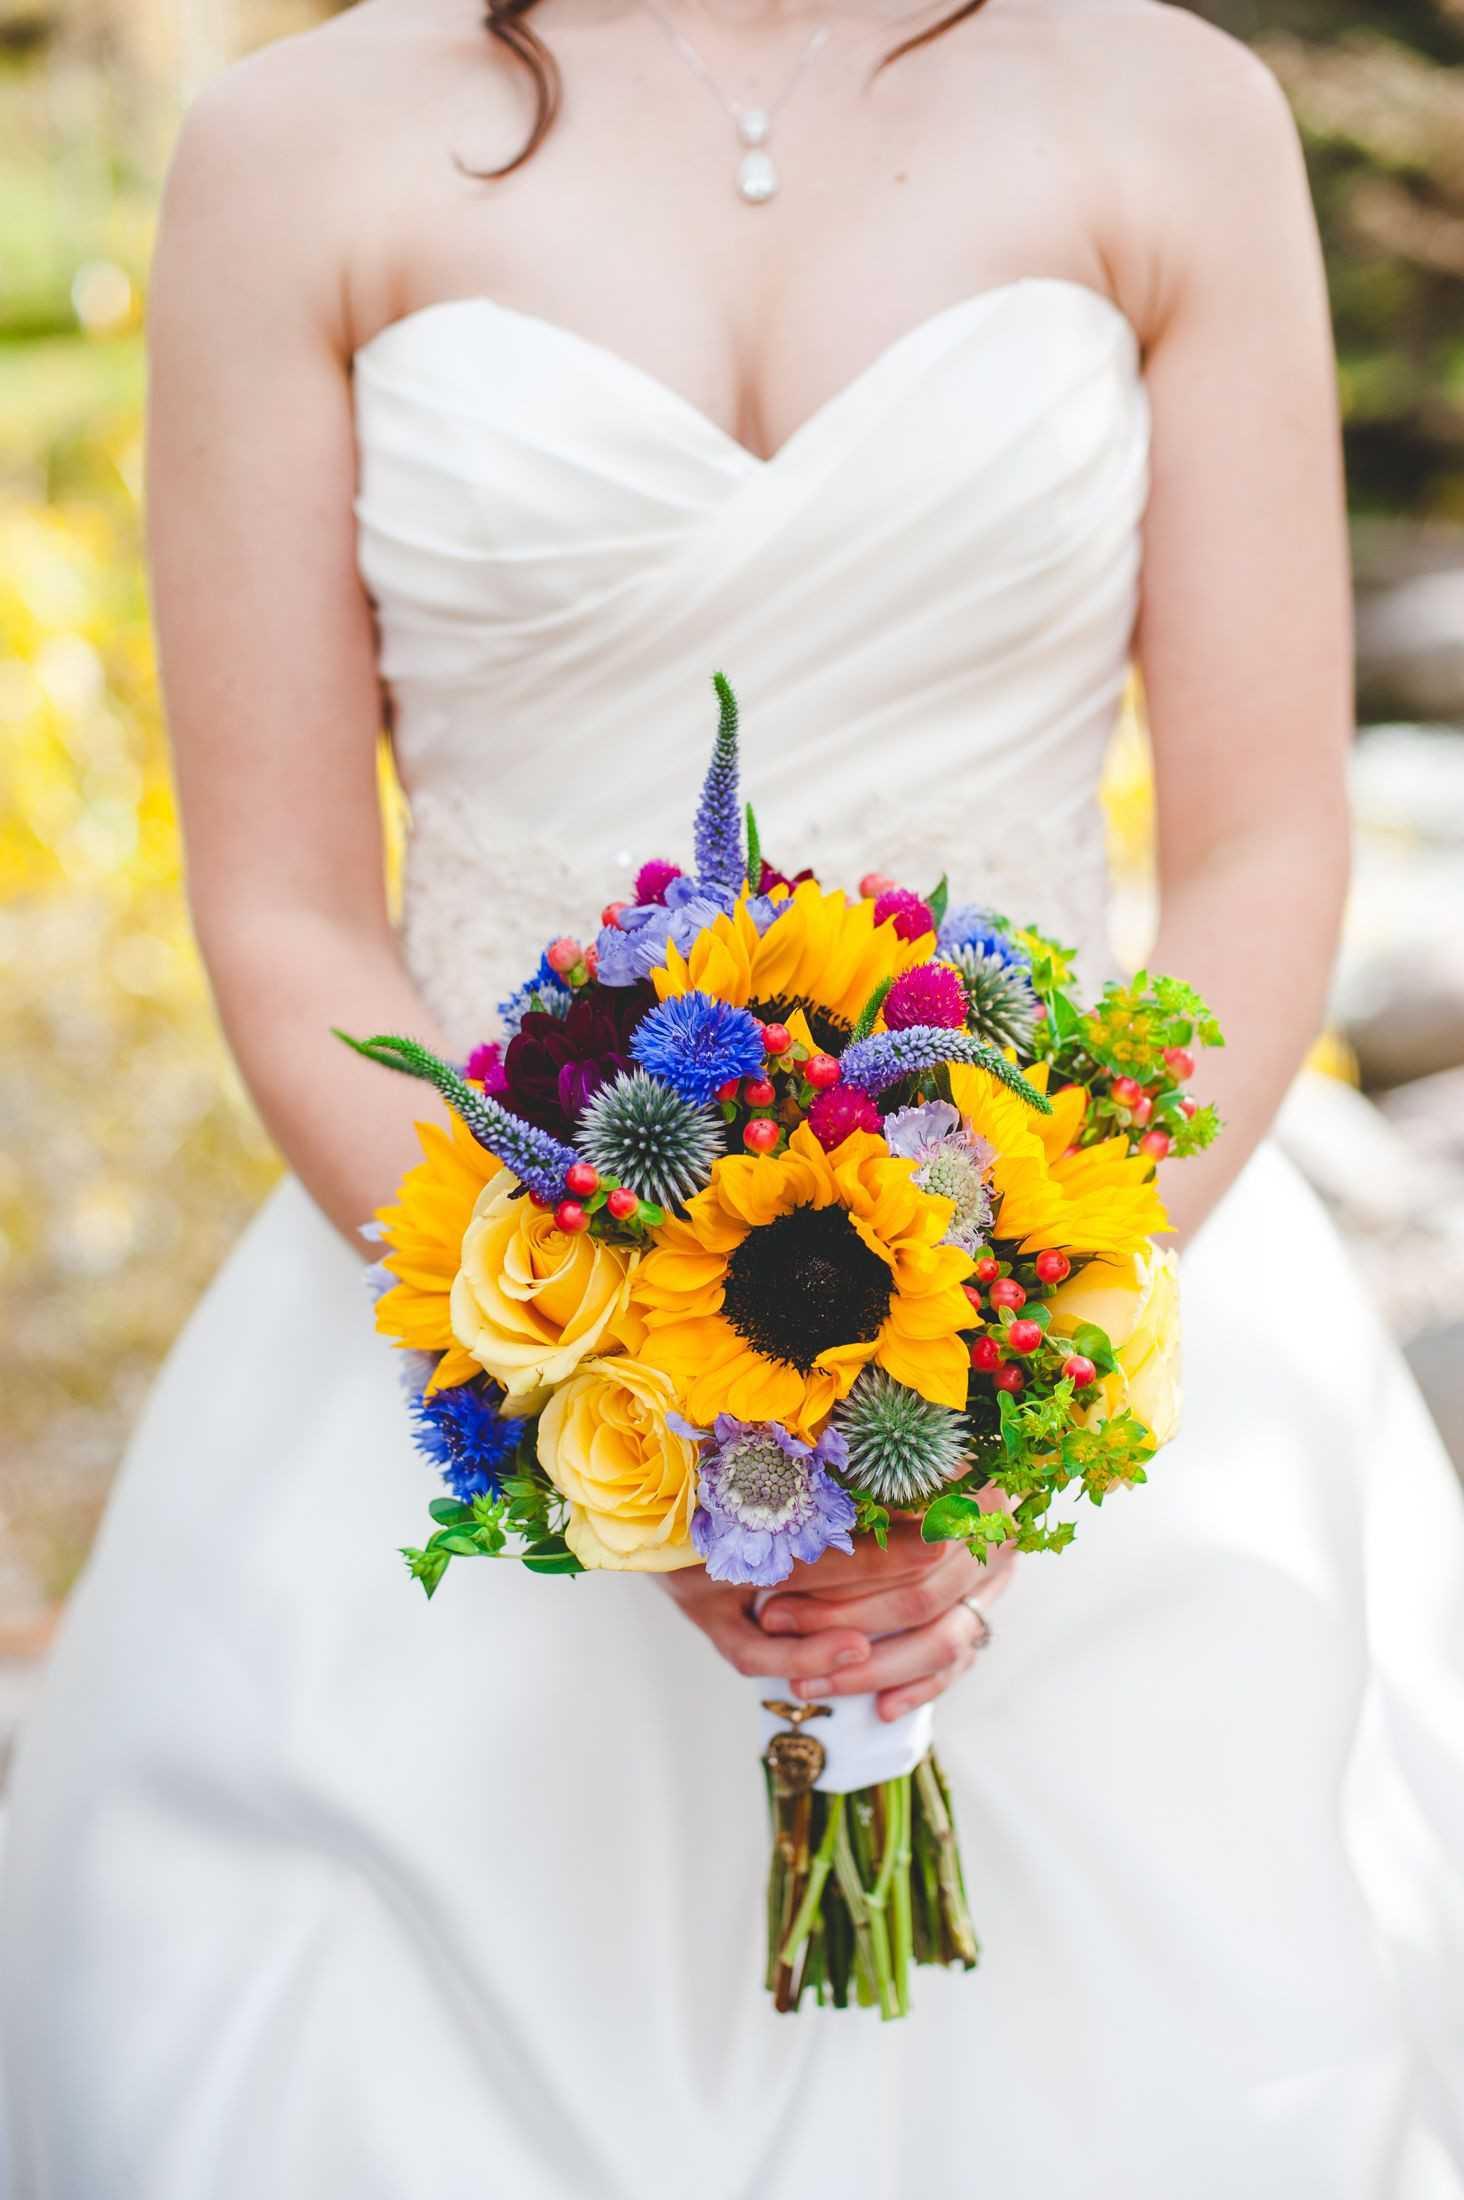 giá hoa cầm tay cô dâu 10